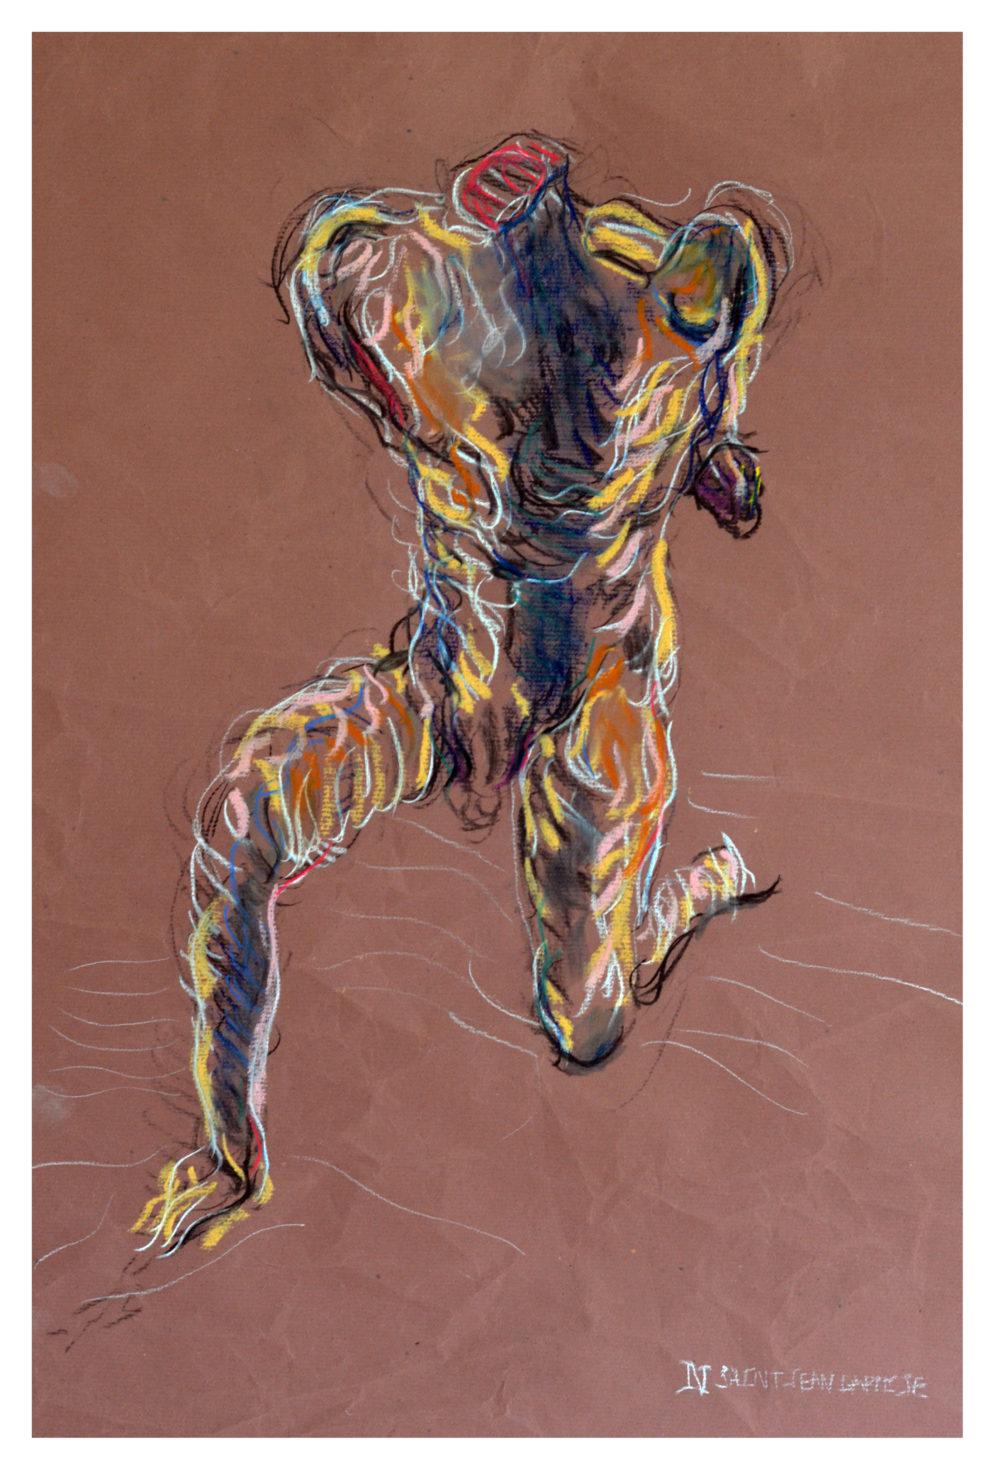 Saint-Jean Baptiste - Pastel - 75 x 50 cm - 2017